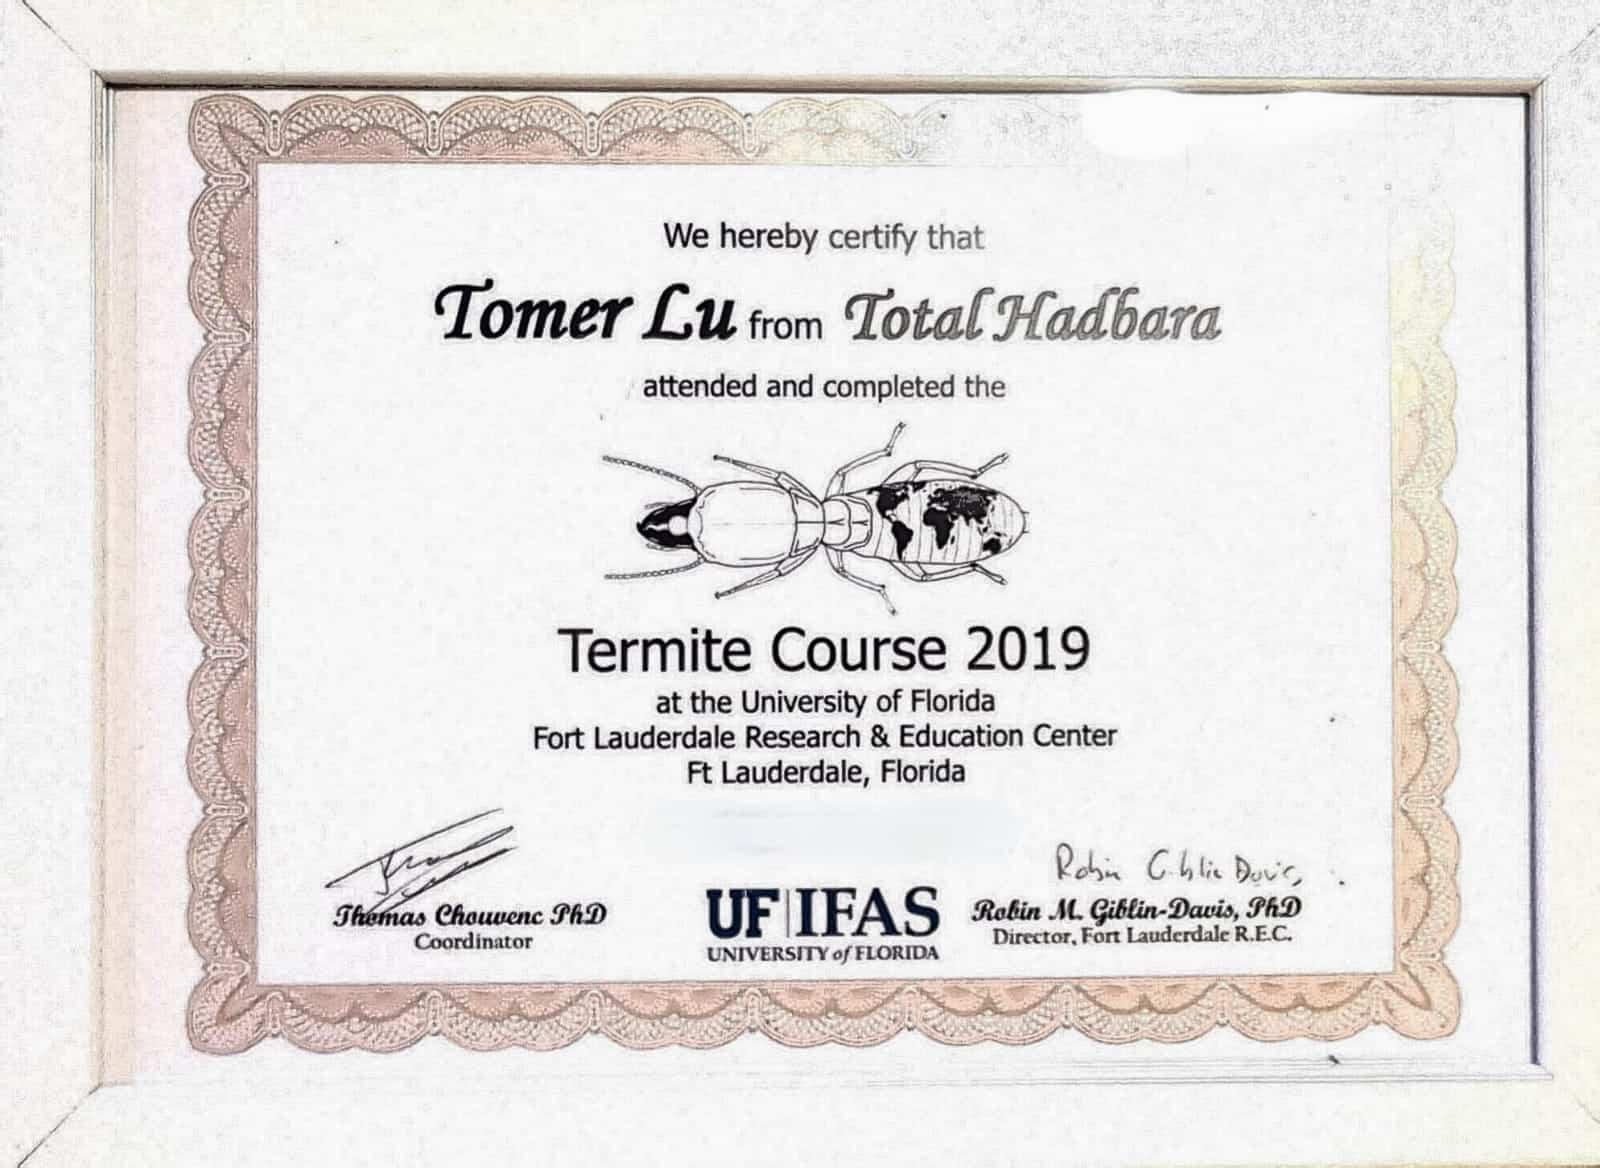 טוטאל הדברה   תעודה מאוניברסיטת פלורידה